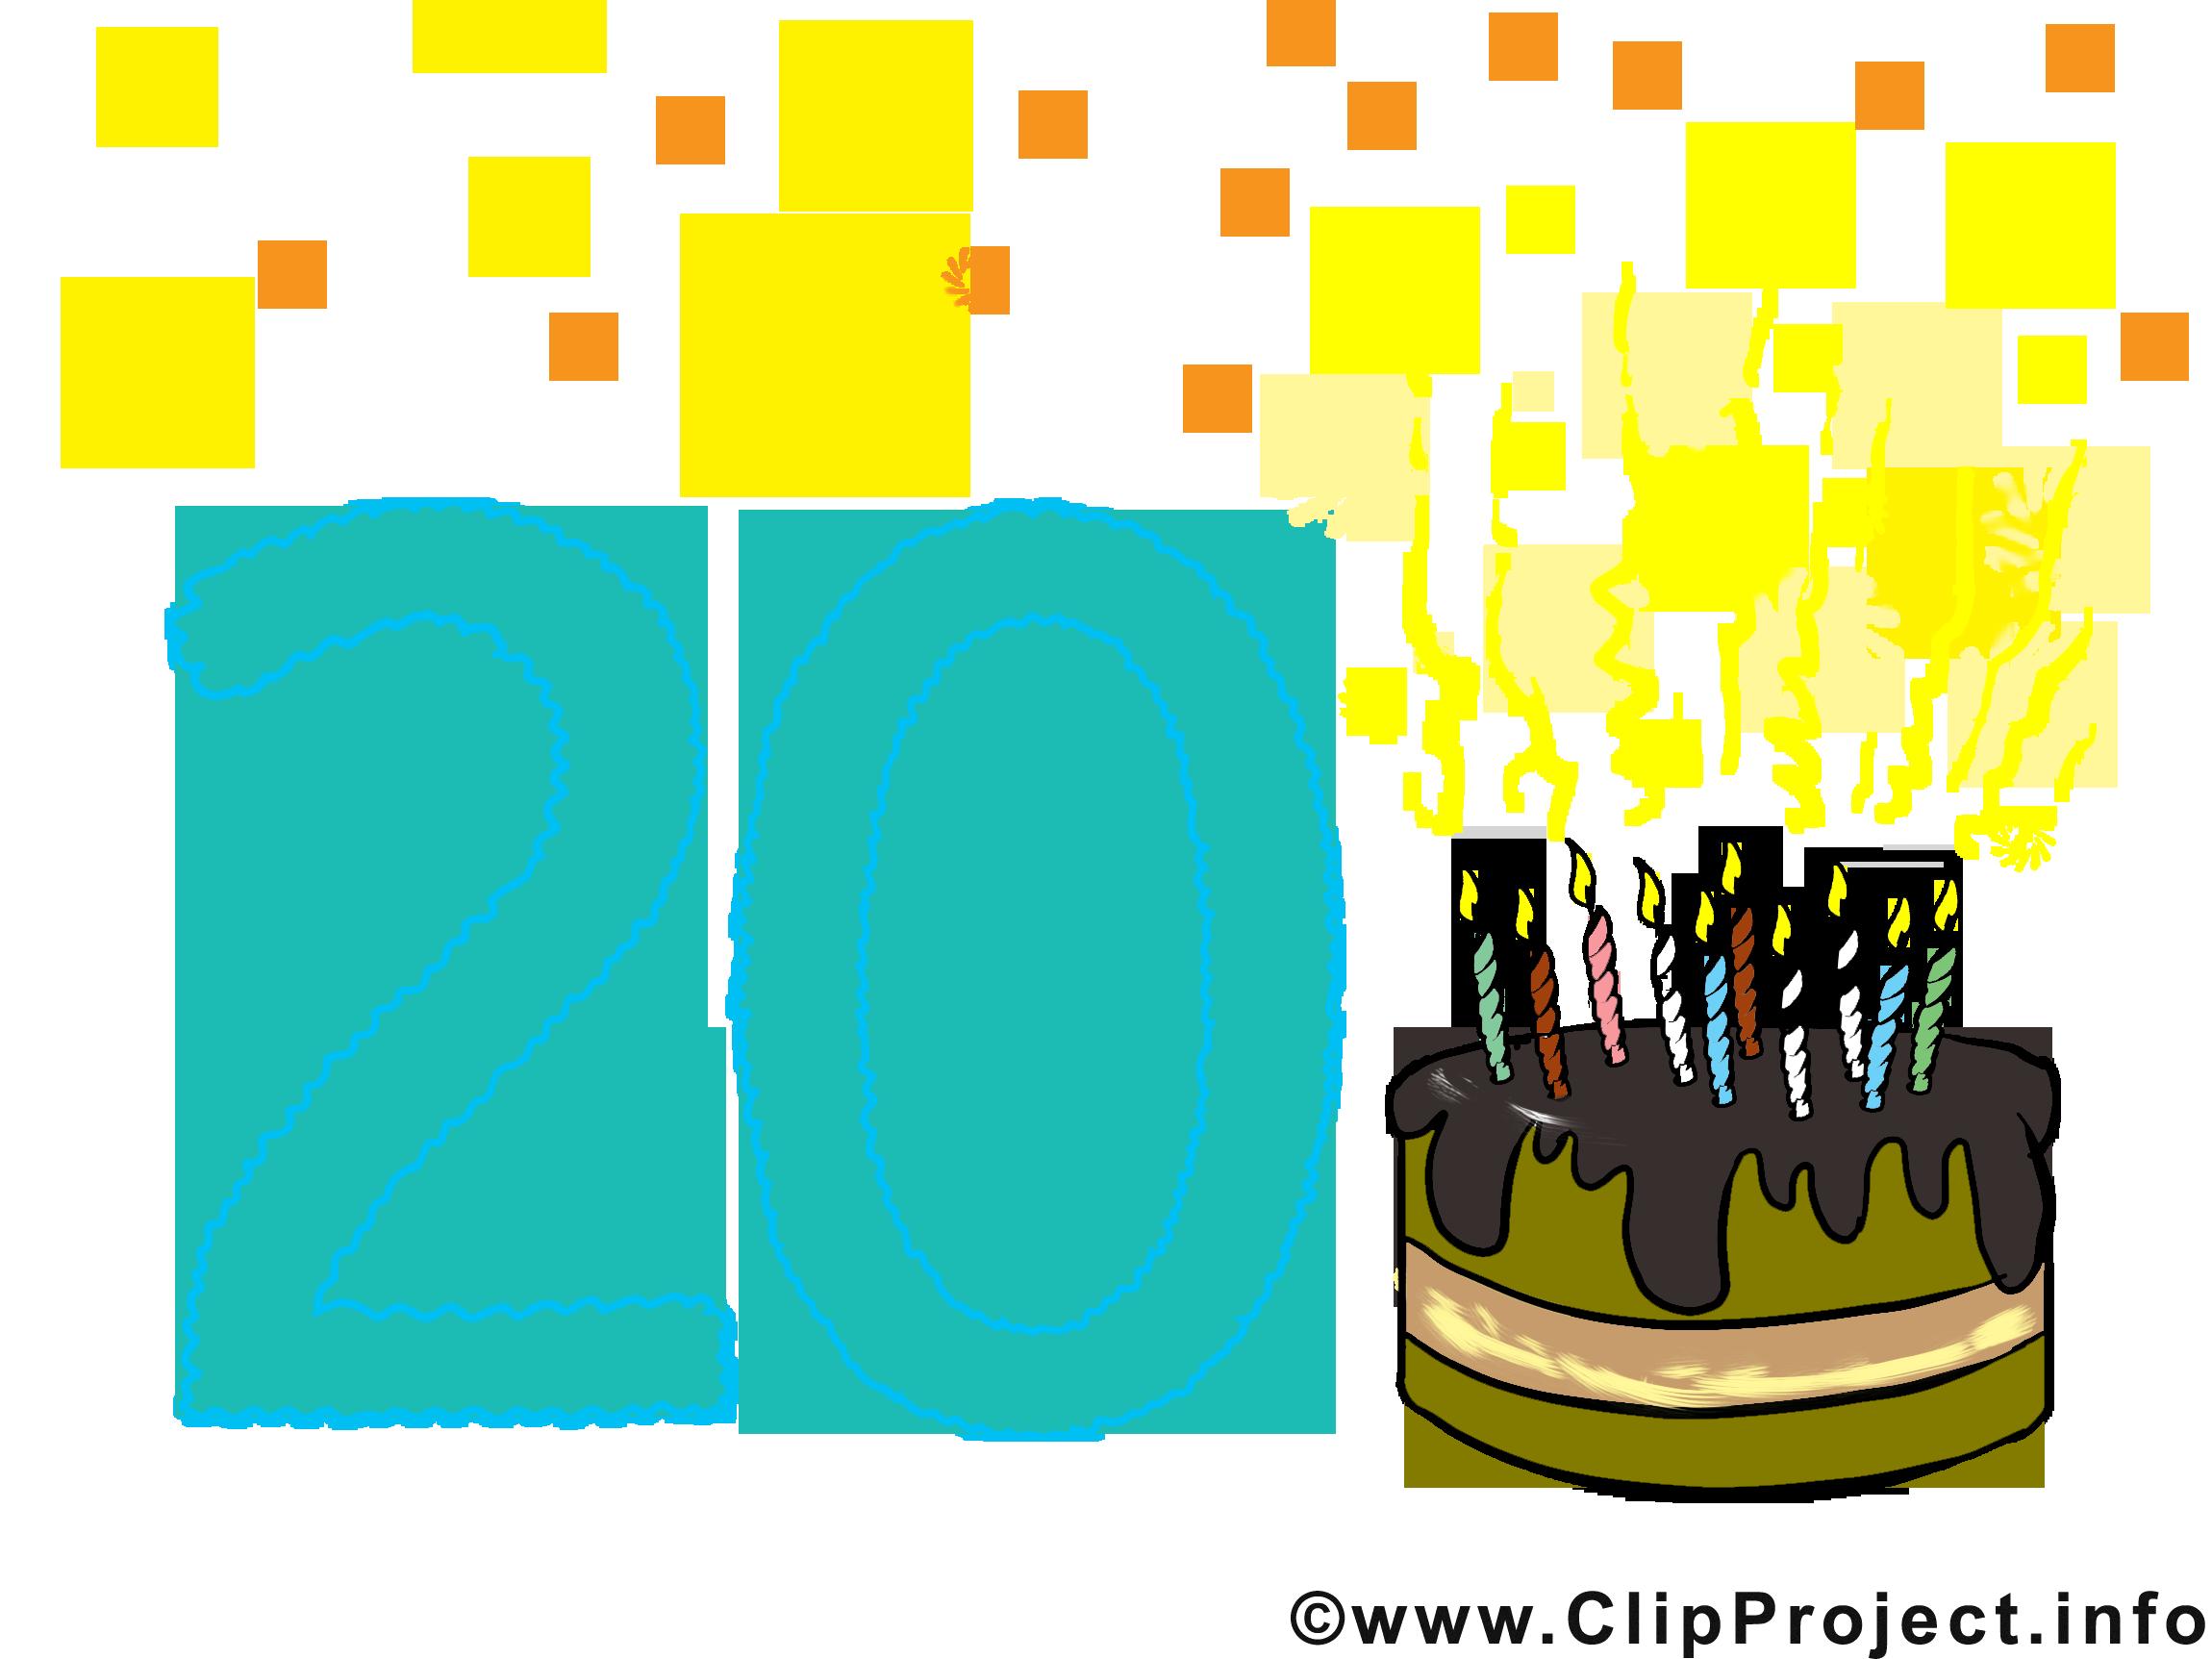 Cliparts zum 18 geburtstag graphic transparent Zum 20. Geburtstag Karte, Clipart, Bild, Cartoon lustig graphic transparent